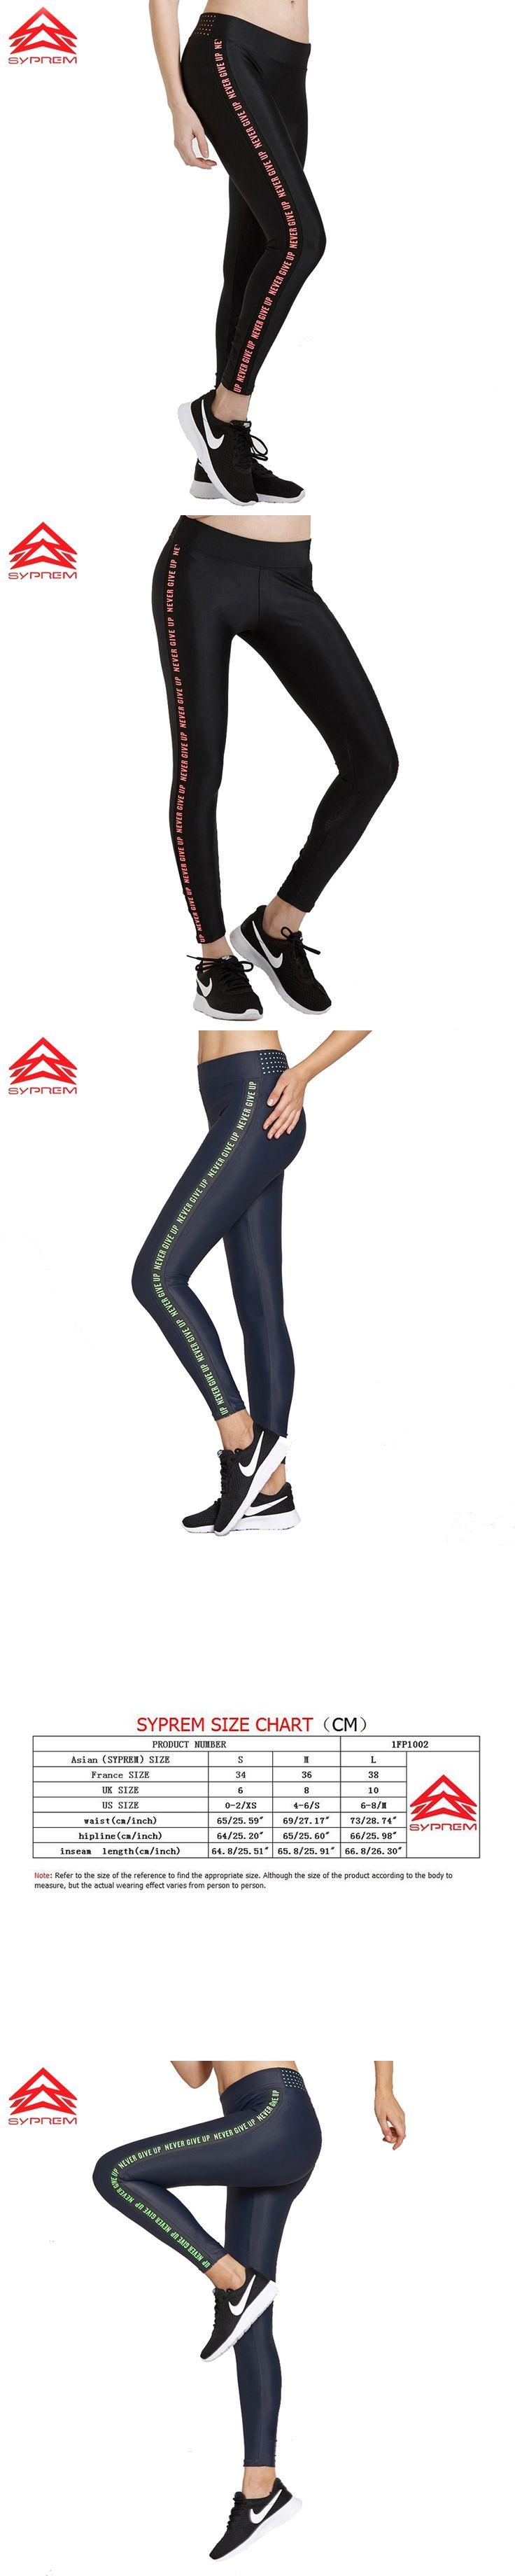 SYPREM sportswear Yoga Pants New Running Gym